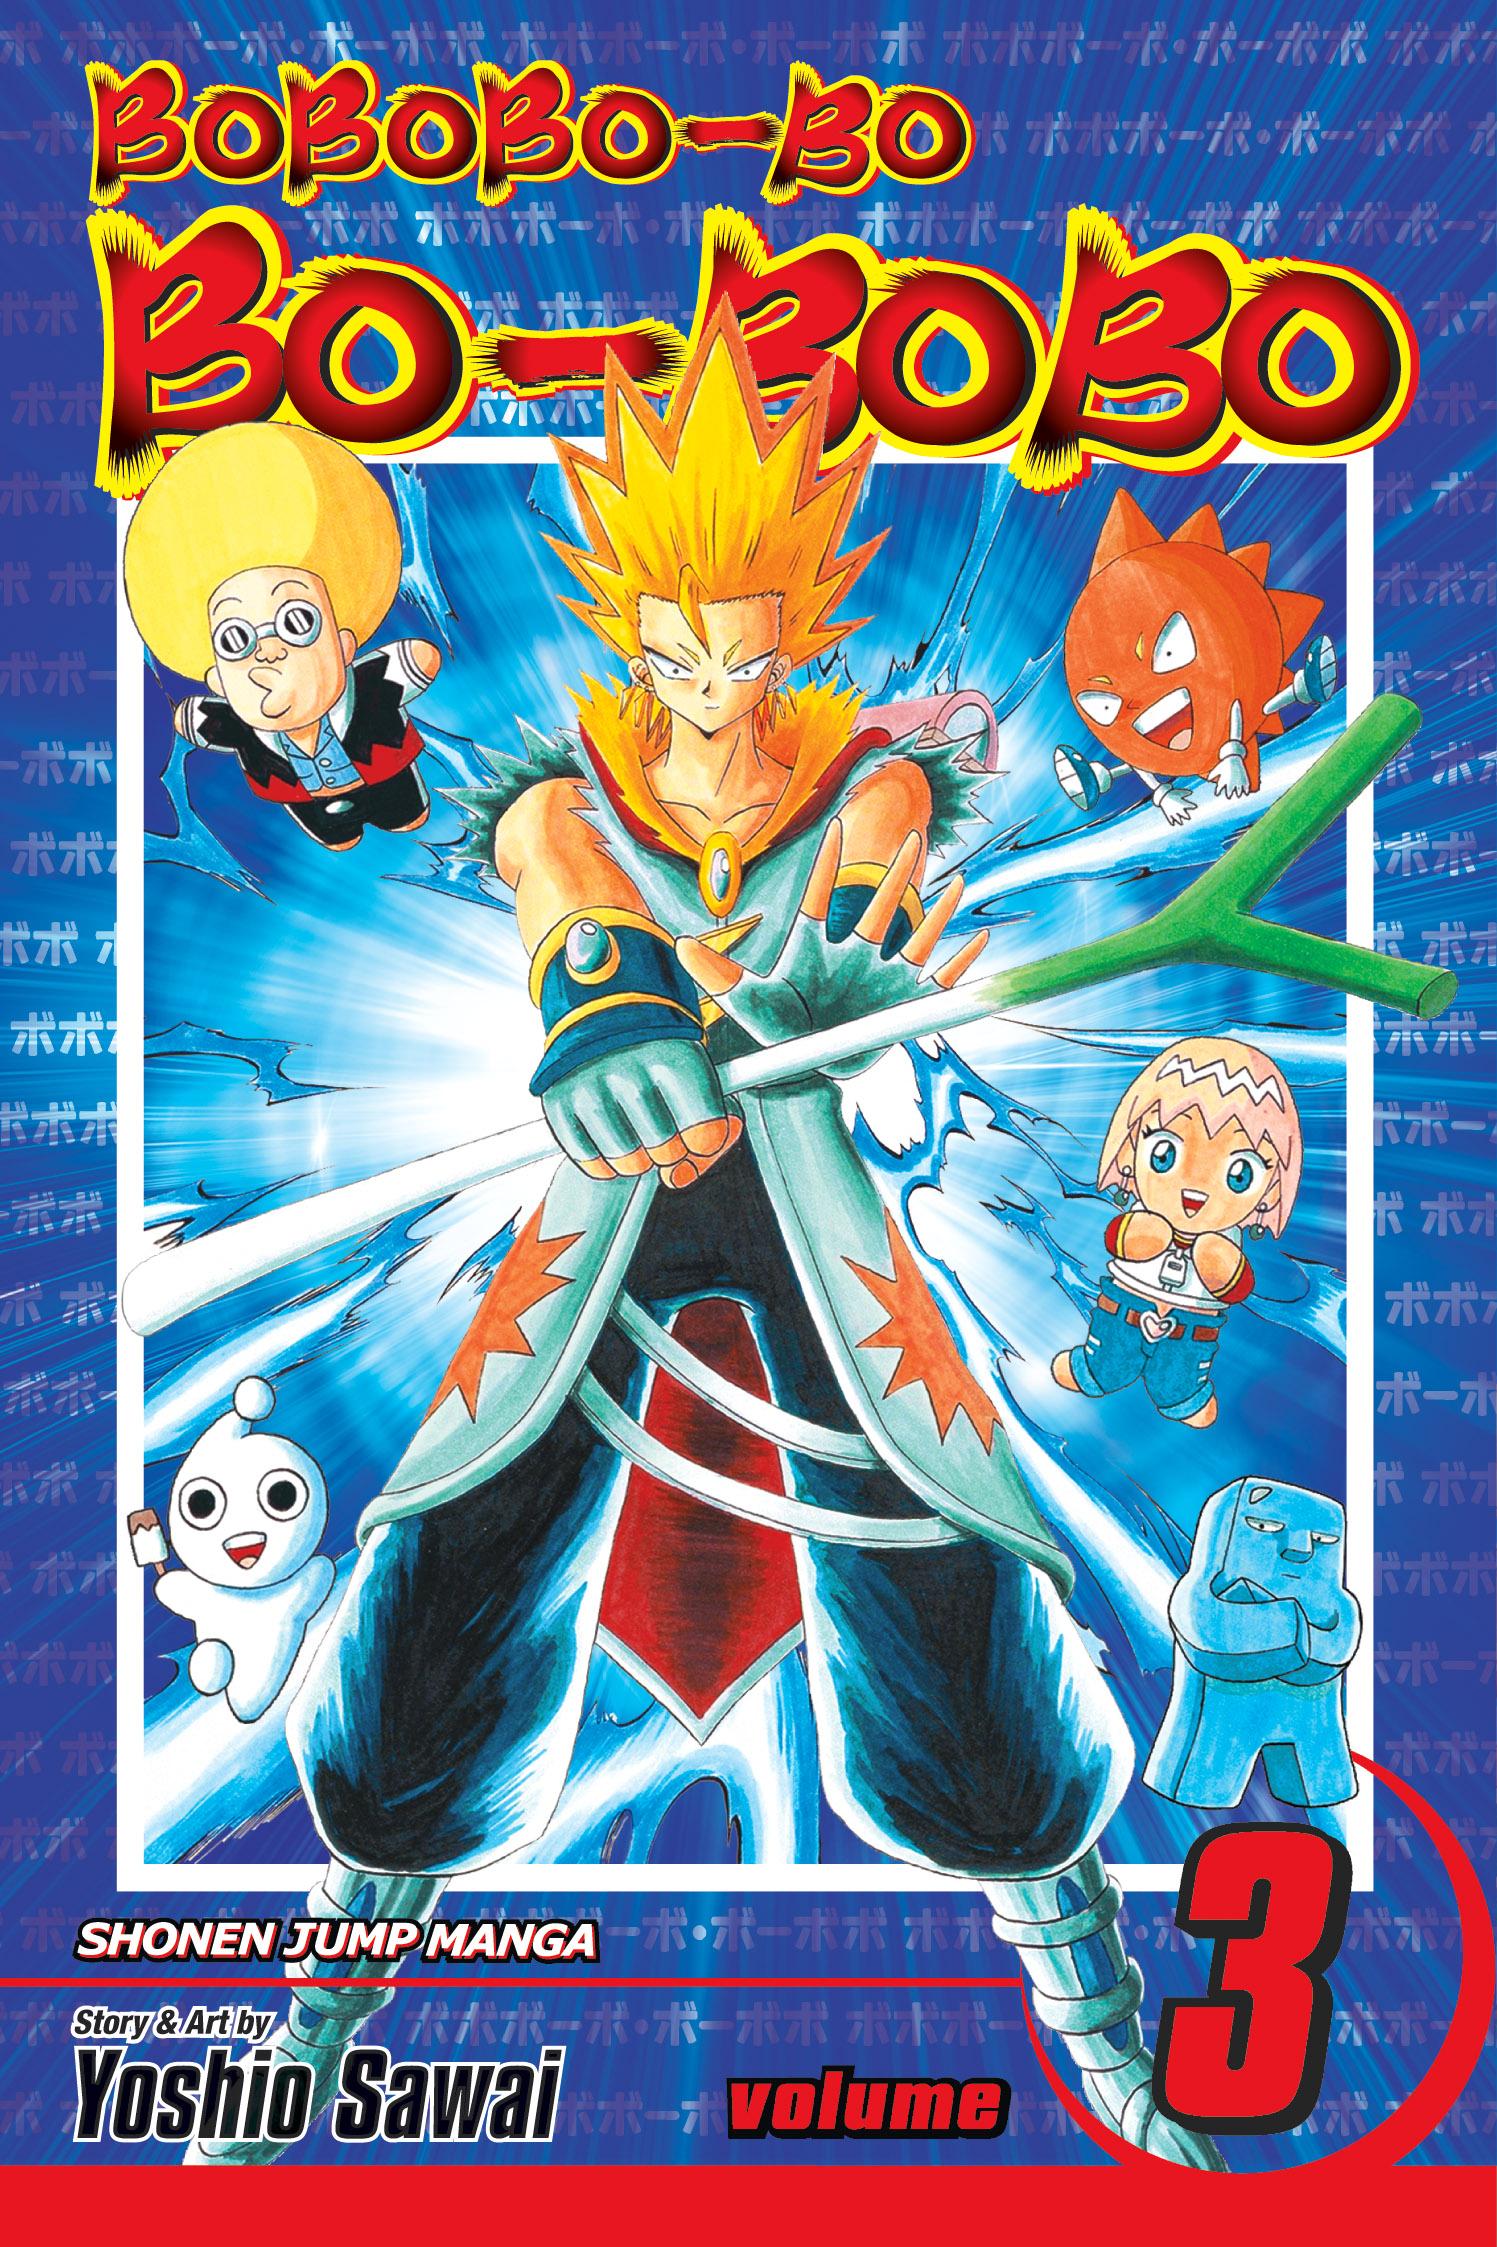 Bobobo Bo Bo Bobo Vol 3 Sj Edition Book By Yoshio Sawai